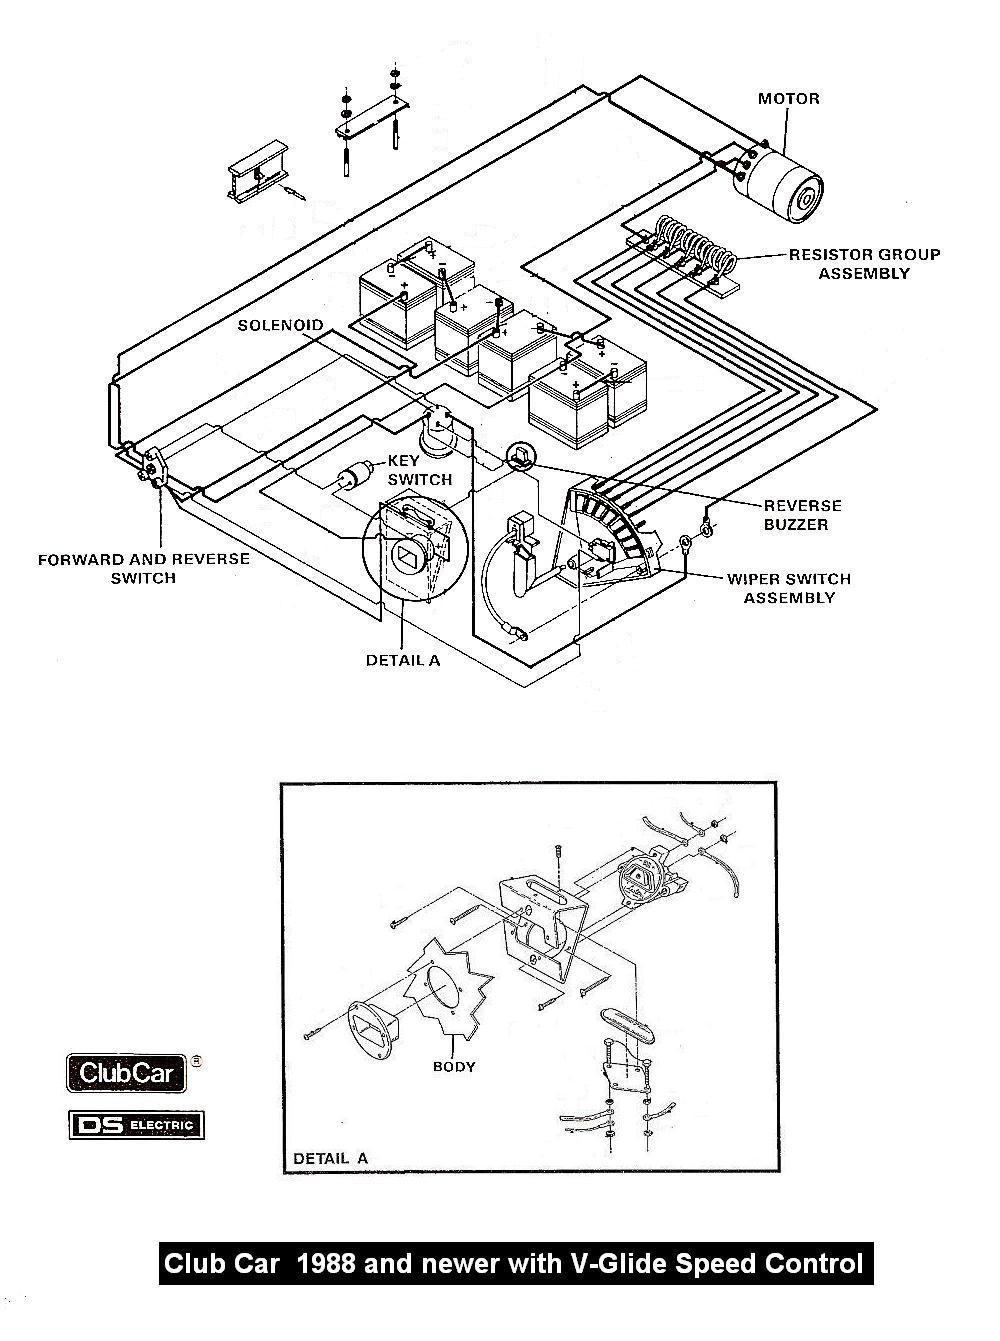 Club Car Wiring Diagram Fresh Club Car Wiring Diagram & Starter Generator Wiring Diagram Golf Cart